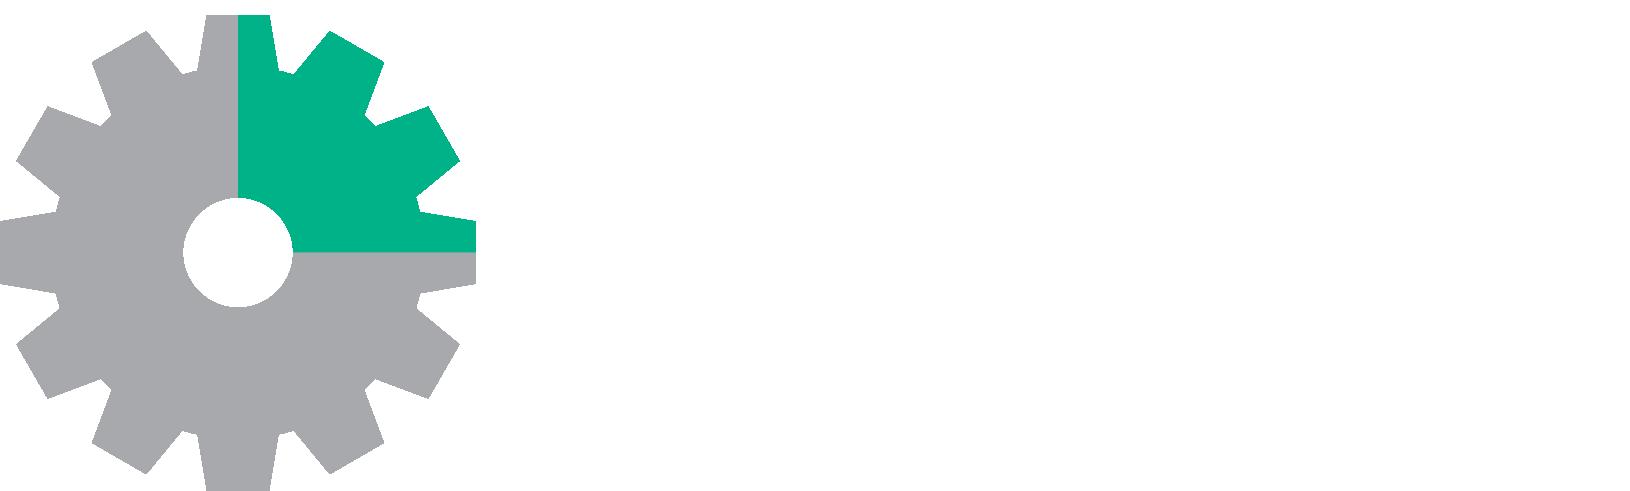 Platform-2.png